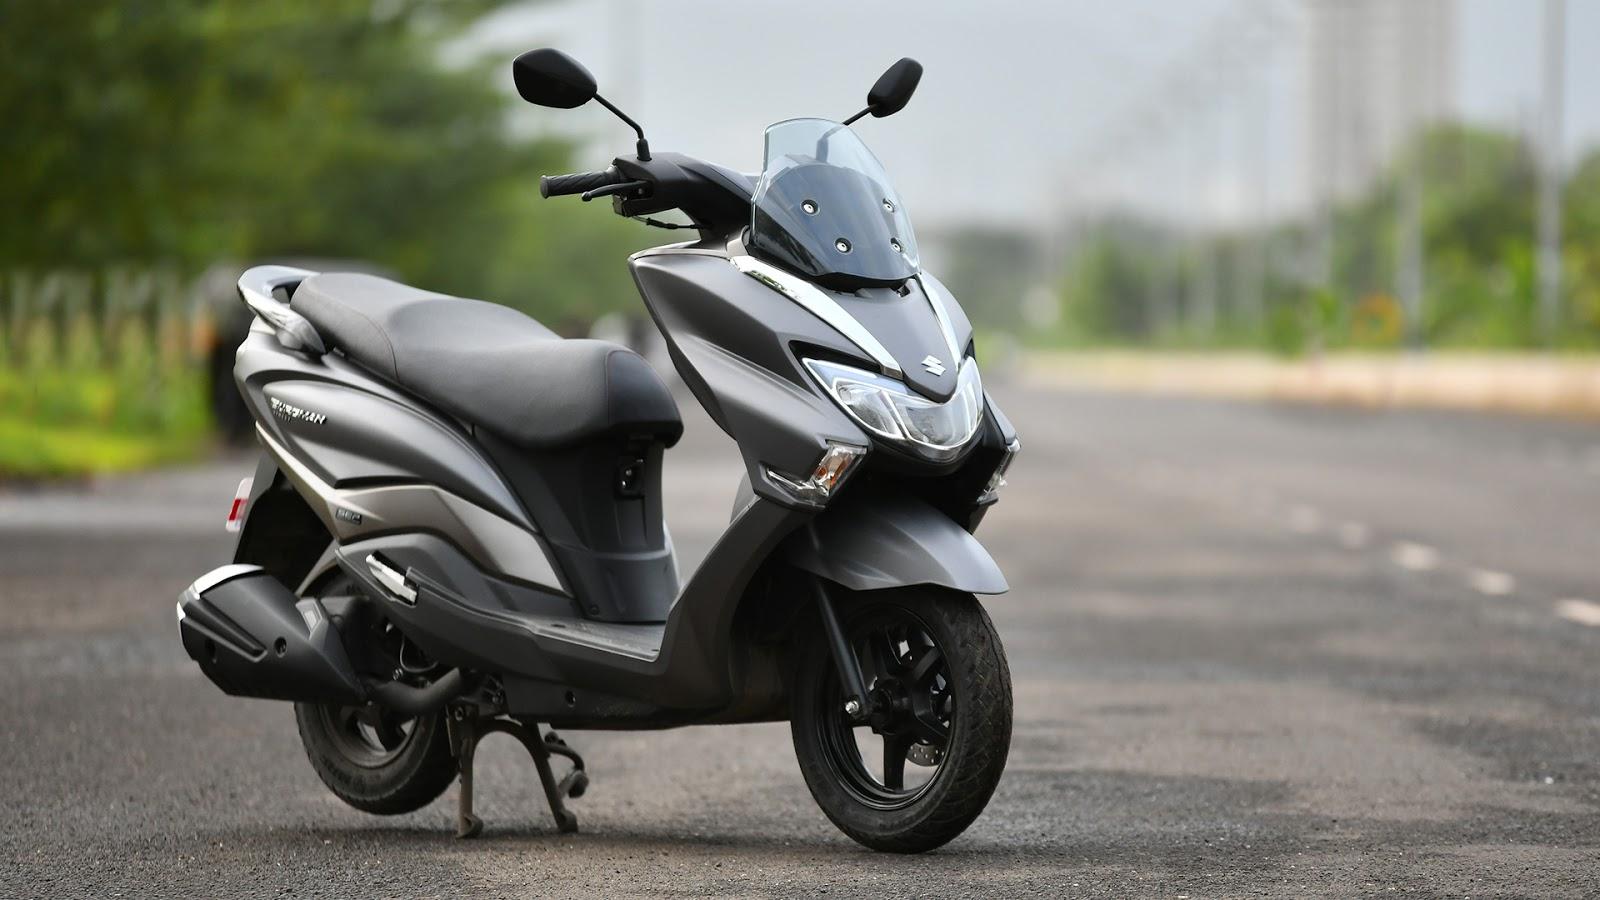 Desain Suzuki Burgman 150 Beredar, Bakal Jadi Pesaing Honda PCX Nih!